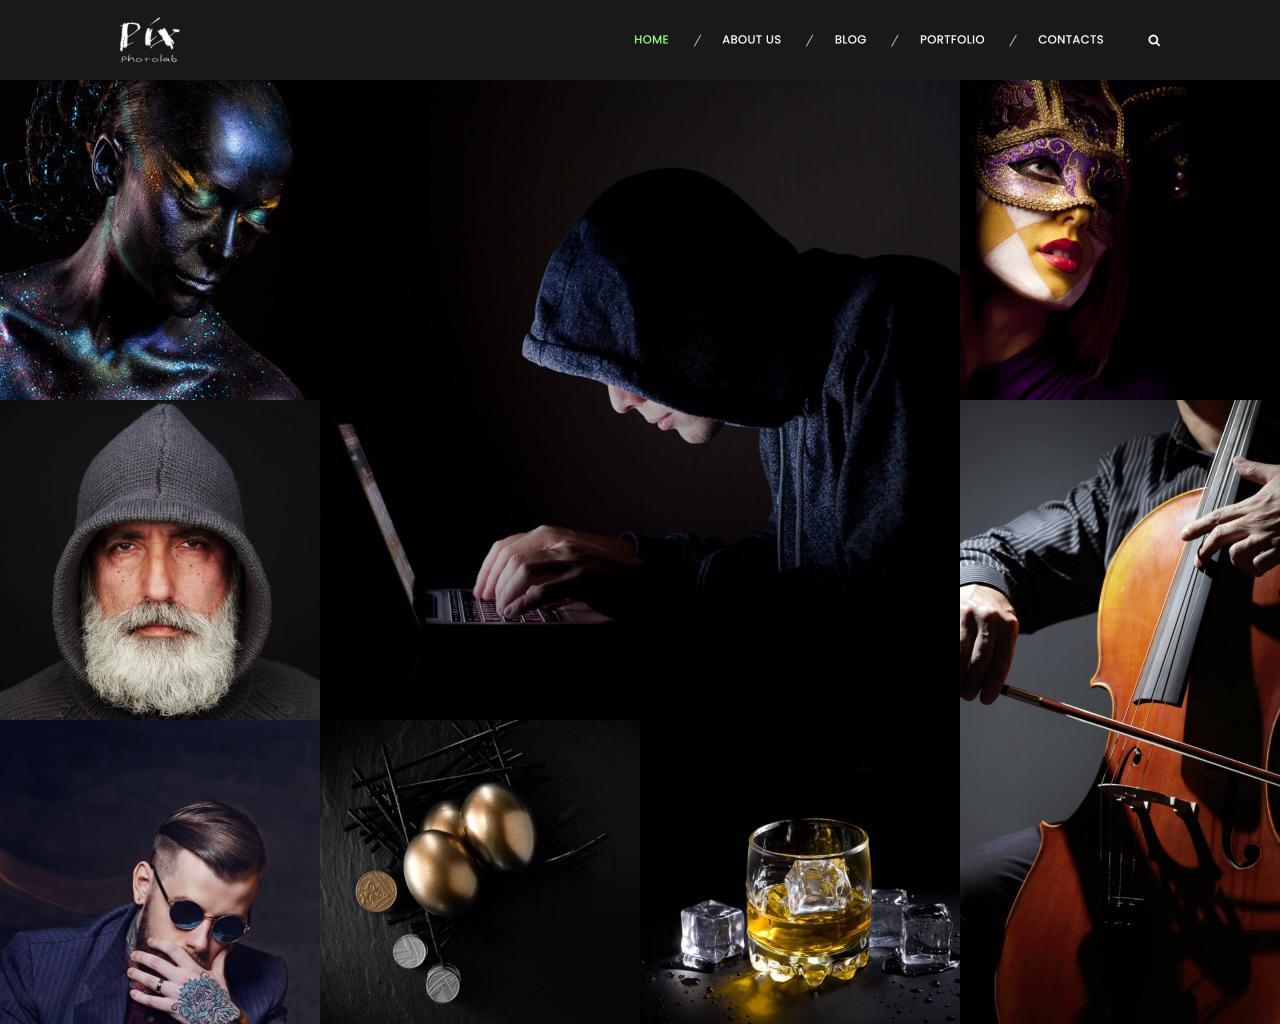 Website Studio Show hình nghệ thuật